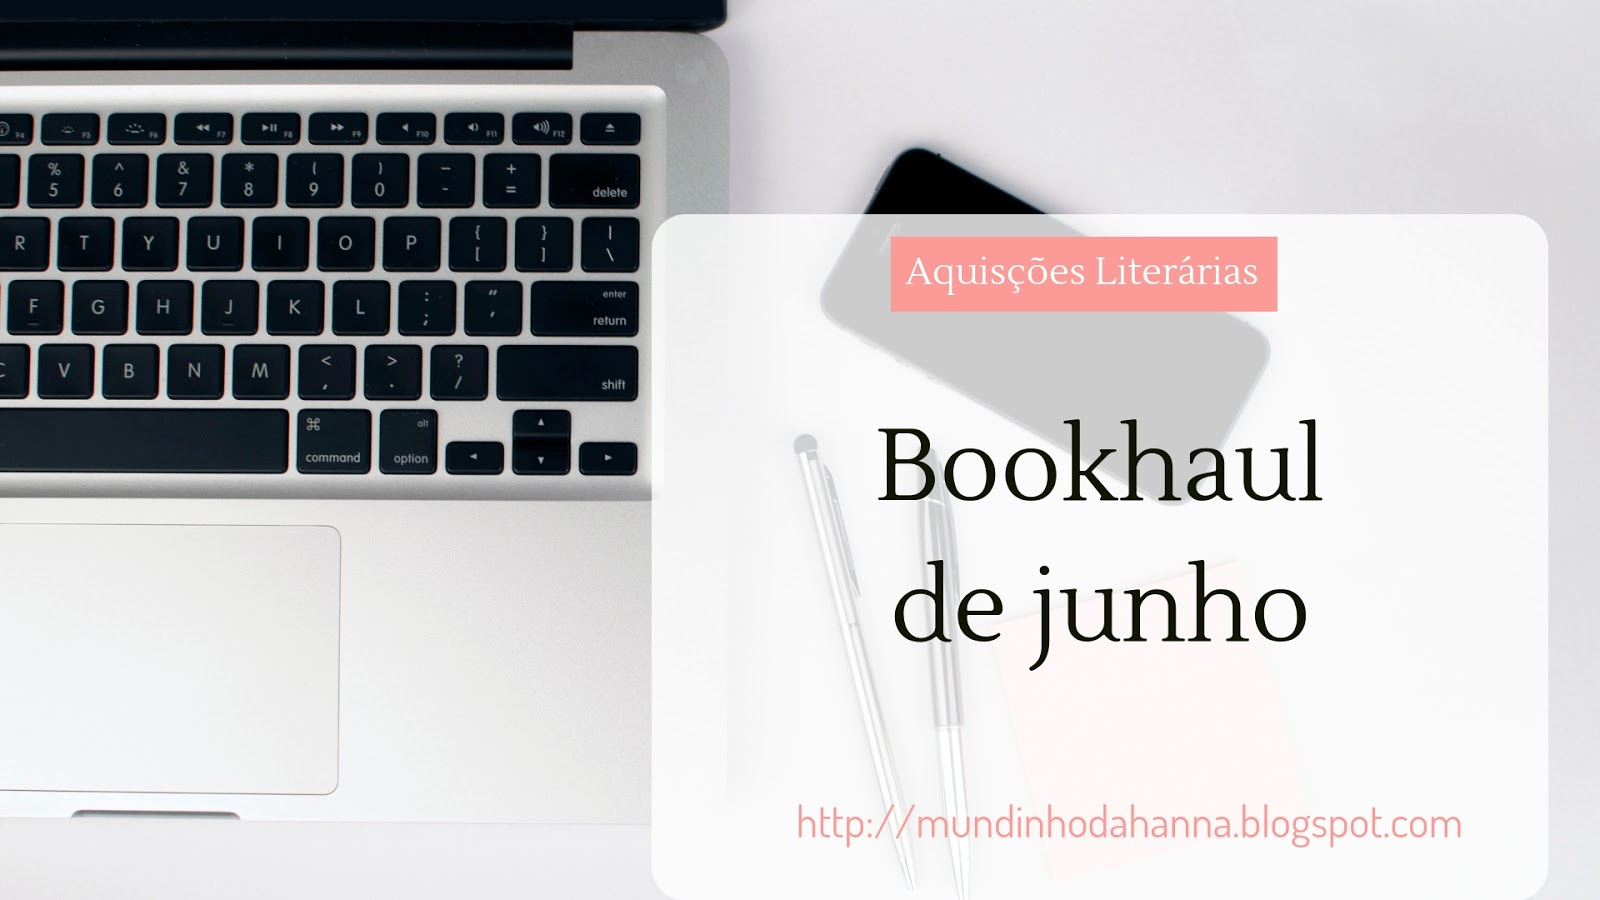 Aquisições literárias de junho